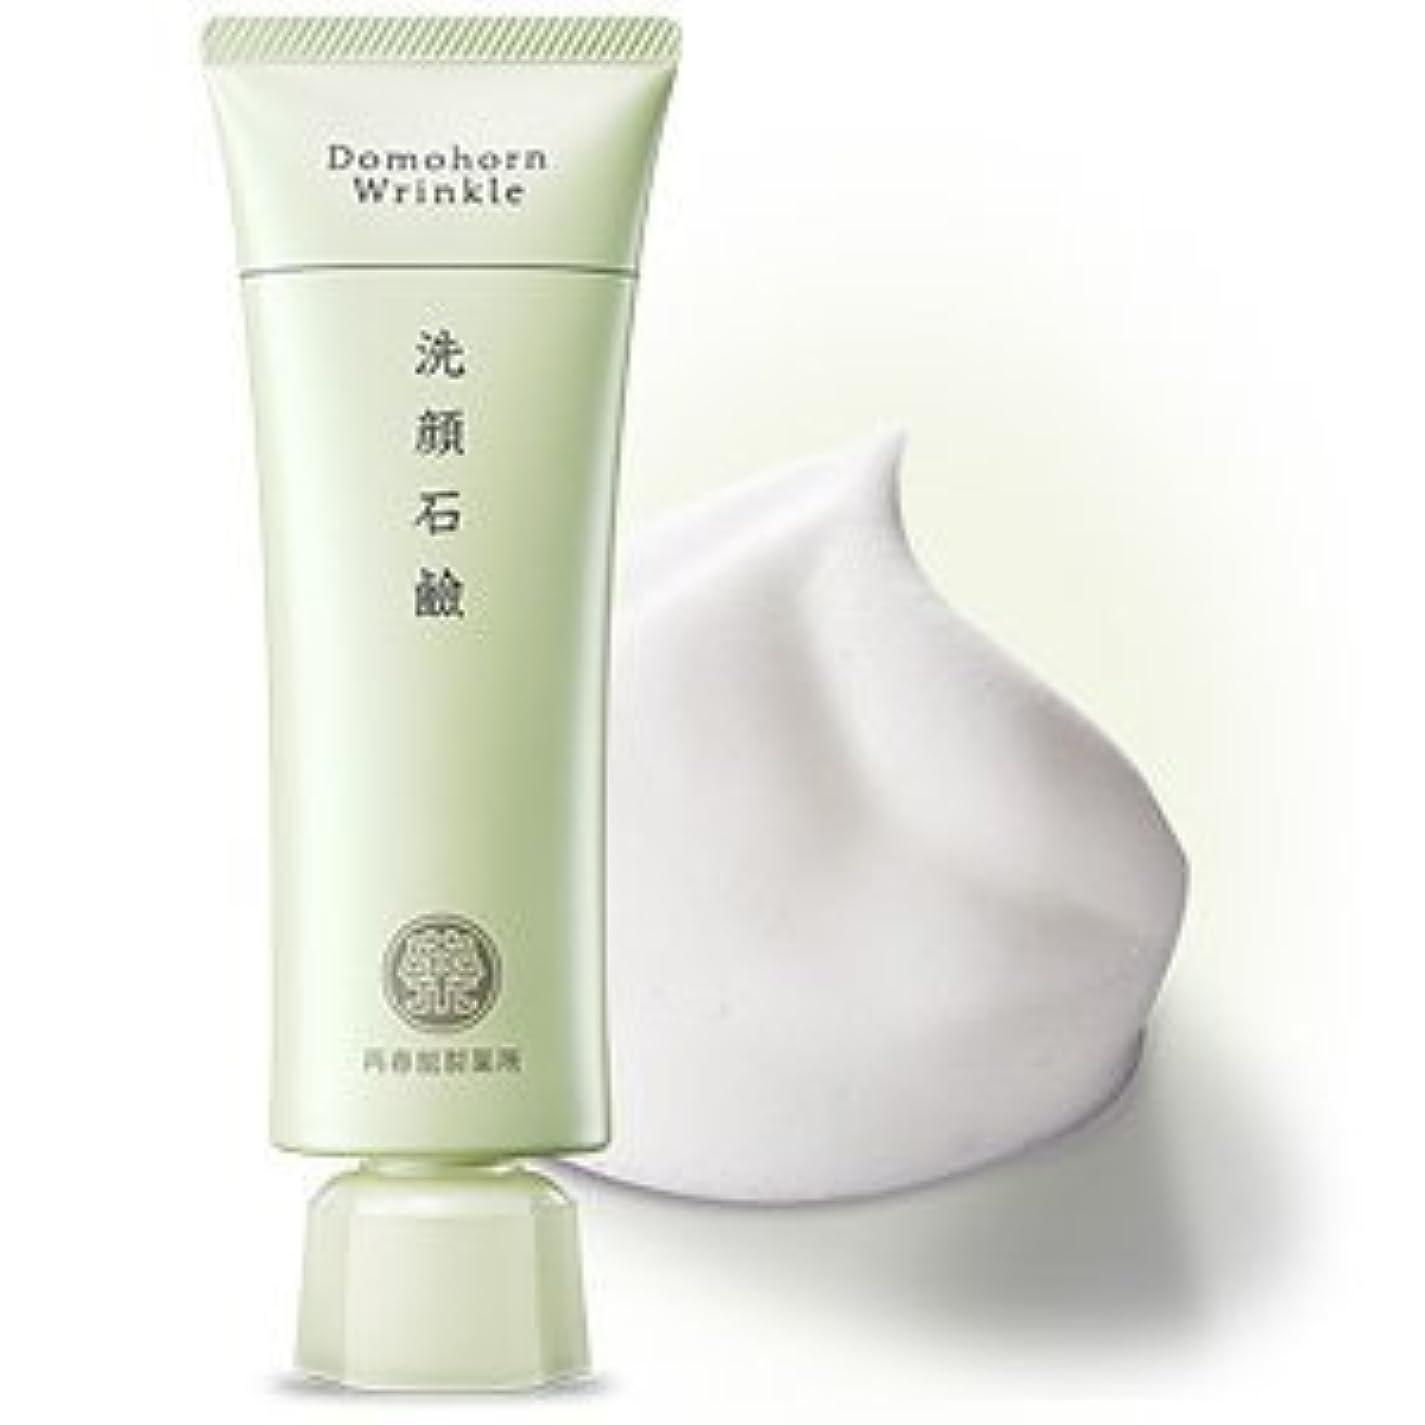 きらきら上げる配送【濃密泡で毛穴対策にも】ドモホルンリンクル 洗顔石鹸 約60日分